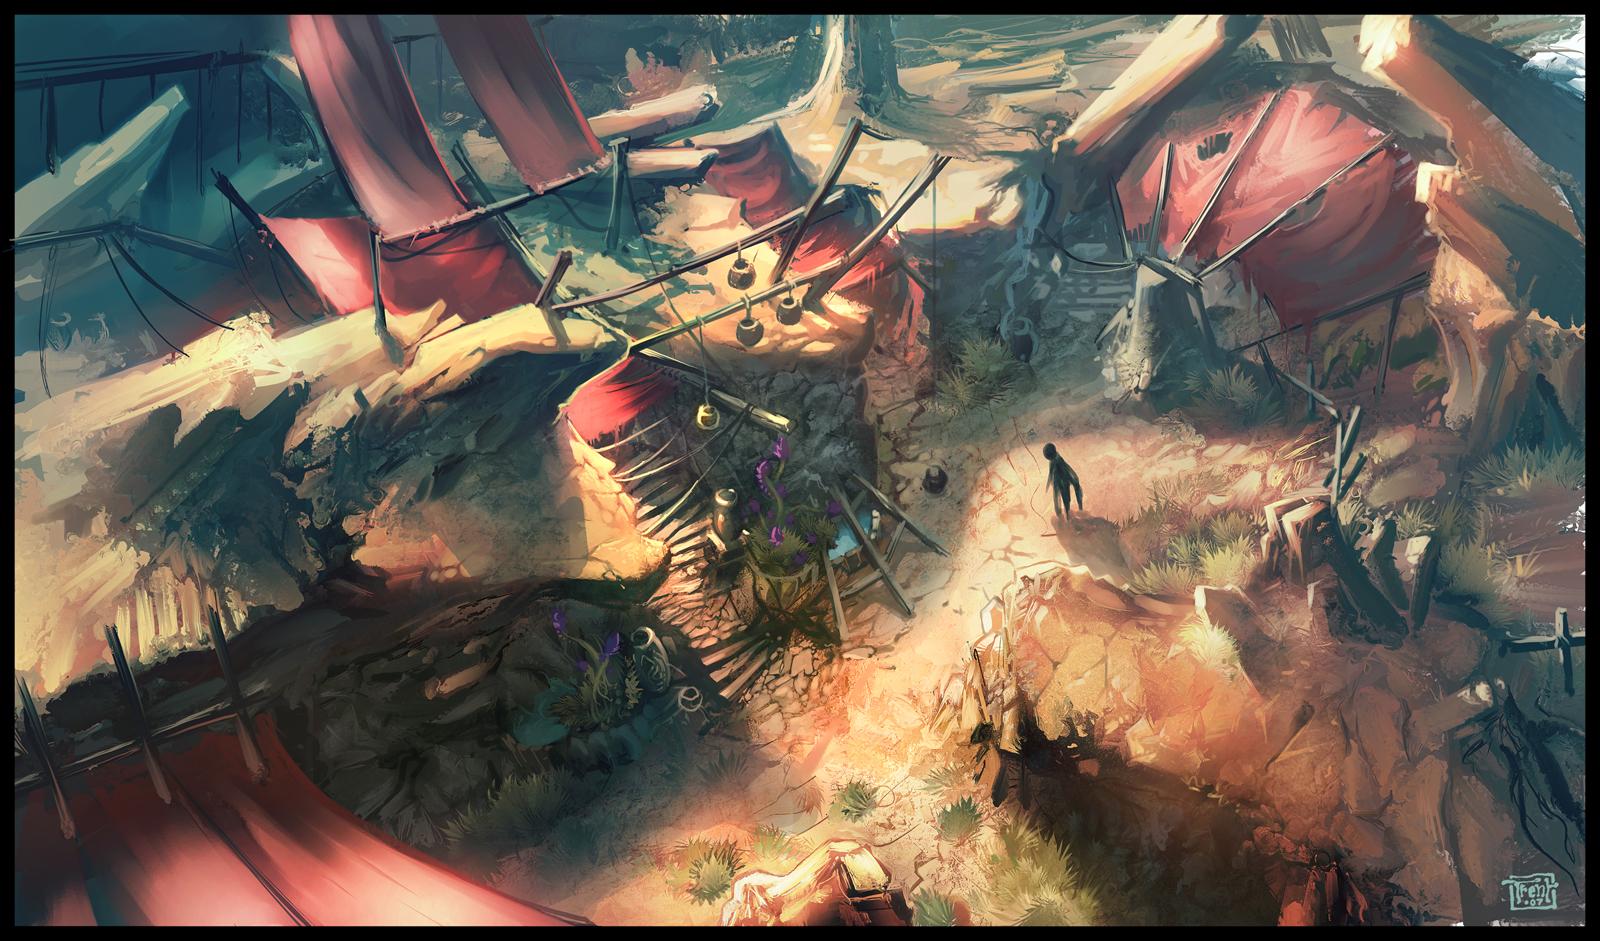 artwork_06.jpg